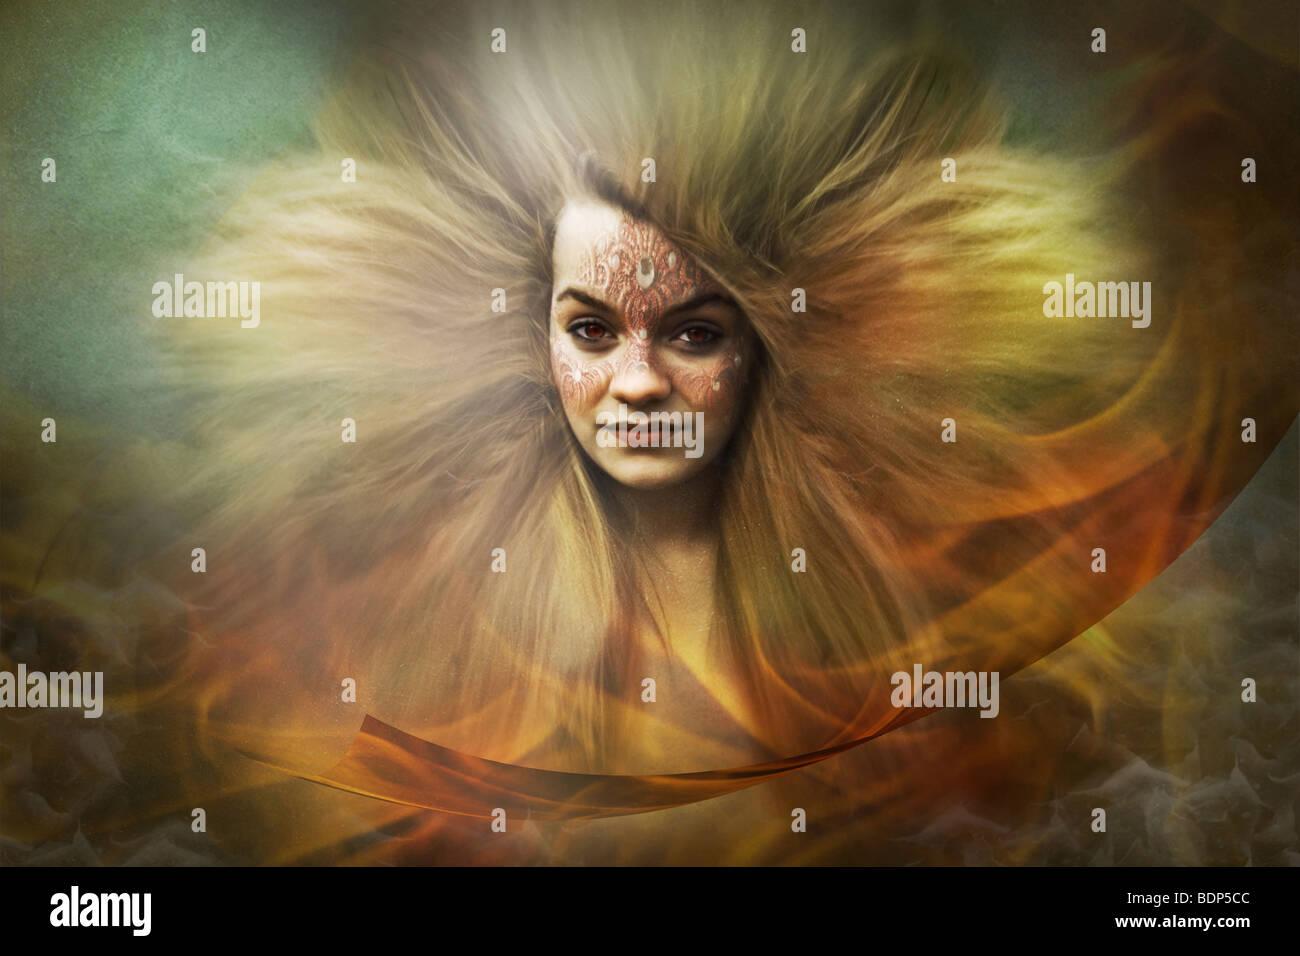 Fantasy image d'une femme portant un masque et des longs cheveux avec des flammes autour d'elle Photo Stock